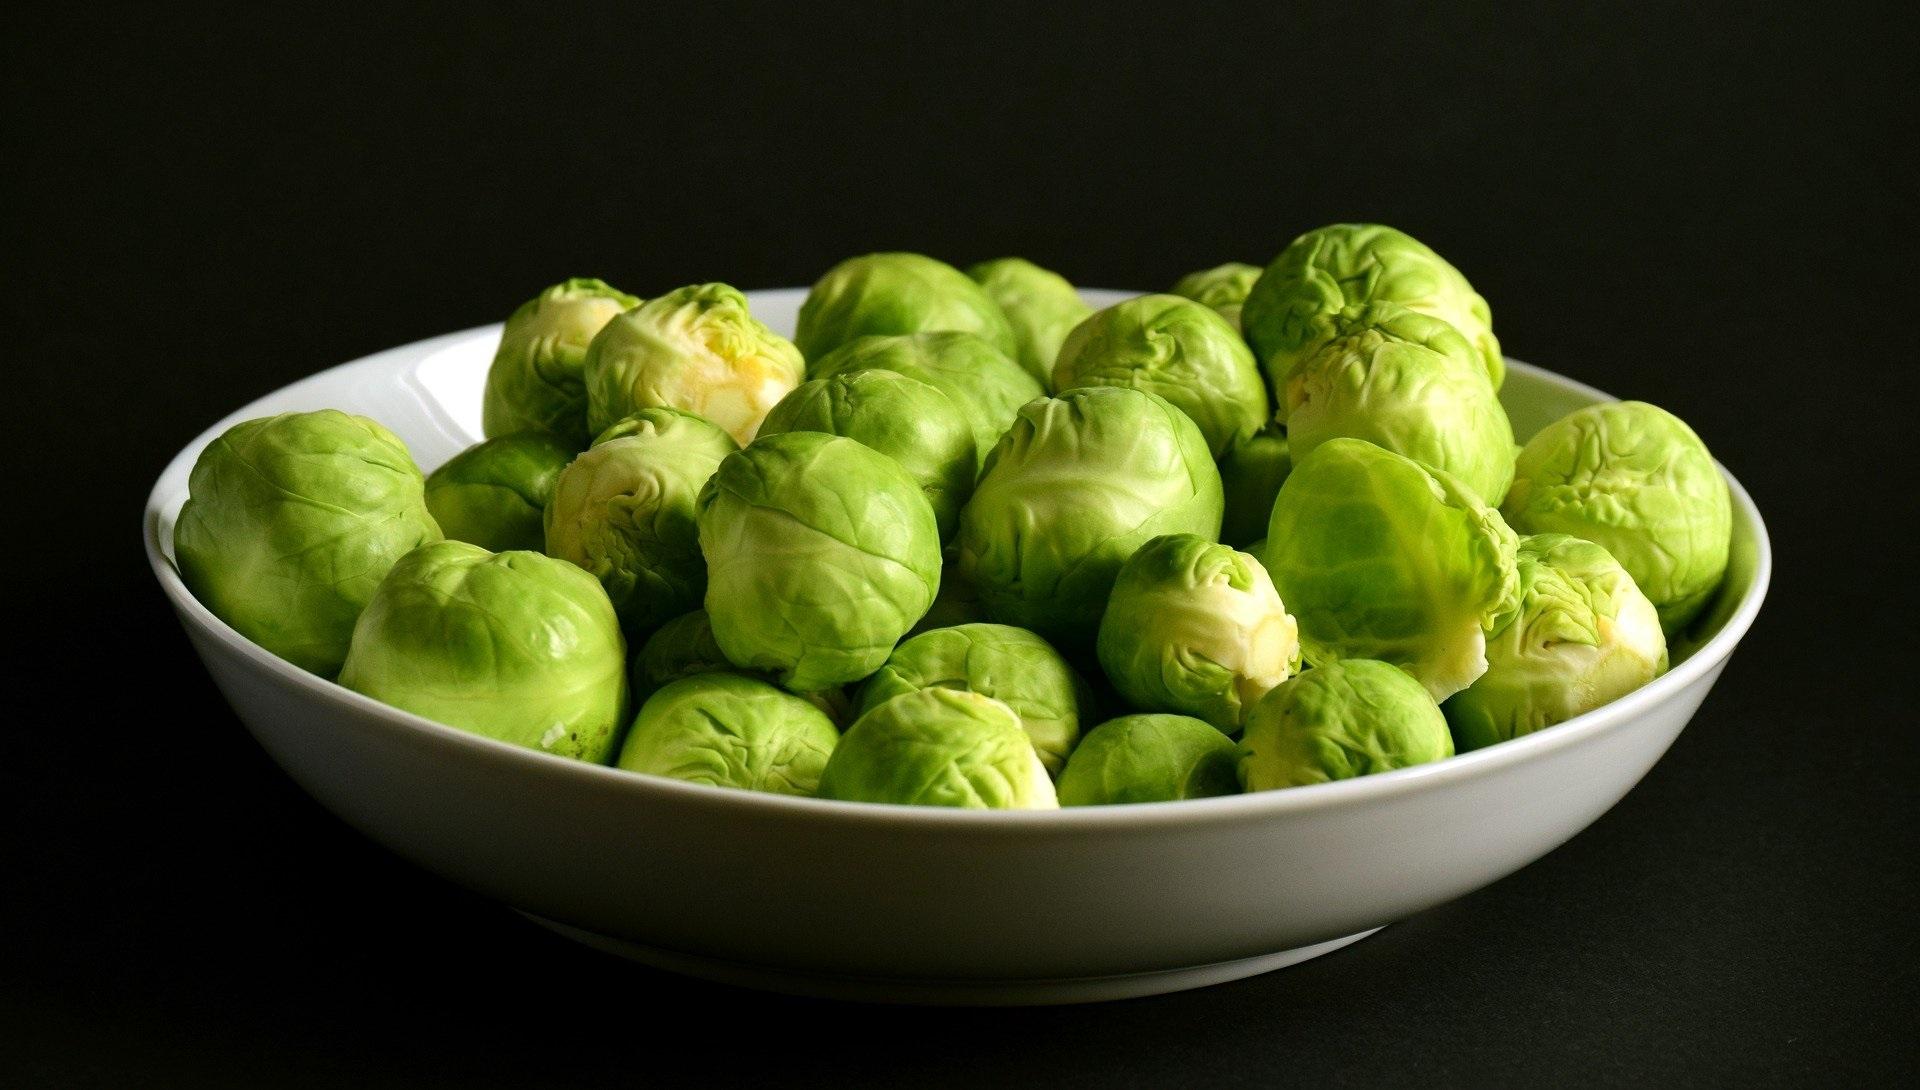 Tips om spruitjes lekker te maken